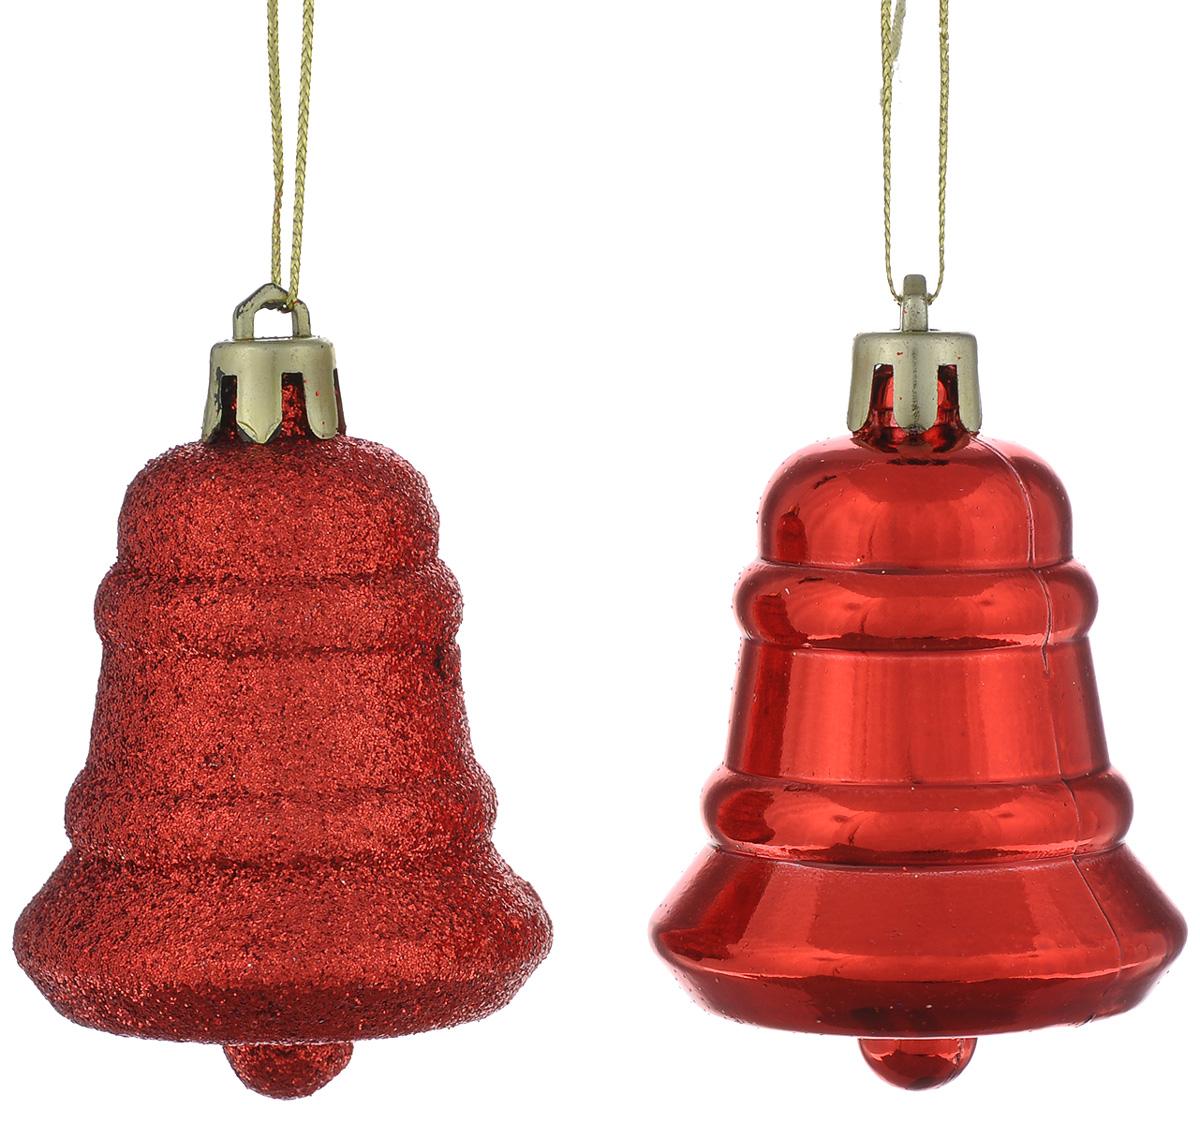 Новогоднее подвесное украшение Феникс-презент Колокол, цвет: красный, 4,8 х 4,8 х 8 см, 2 шт39020Подвесное украшение Феникс-презент Колокол прекрасно подойдет для праздничного декора вашей ели. Оригинальноеновогоднее украшение выполнено из пластика в виде снежинки. С помощью специальной текстильной петельки его можно повесить в любом понравившемся вам месте. Но удачнее всего такаяигрушка будет смотреться на праздничной елке. Елочная игрушка - символ Нового года и Рождества. Она несет в себе волшебствои красоту праздника. Создайте в своем доме атмосферу веселья и радости,украшая новогоднюю елку нарядными игрушками, которые будут из года в годнакапливать теплоту воспоминаний.